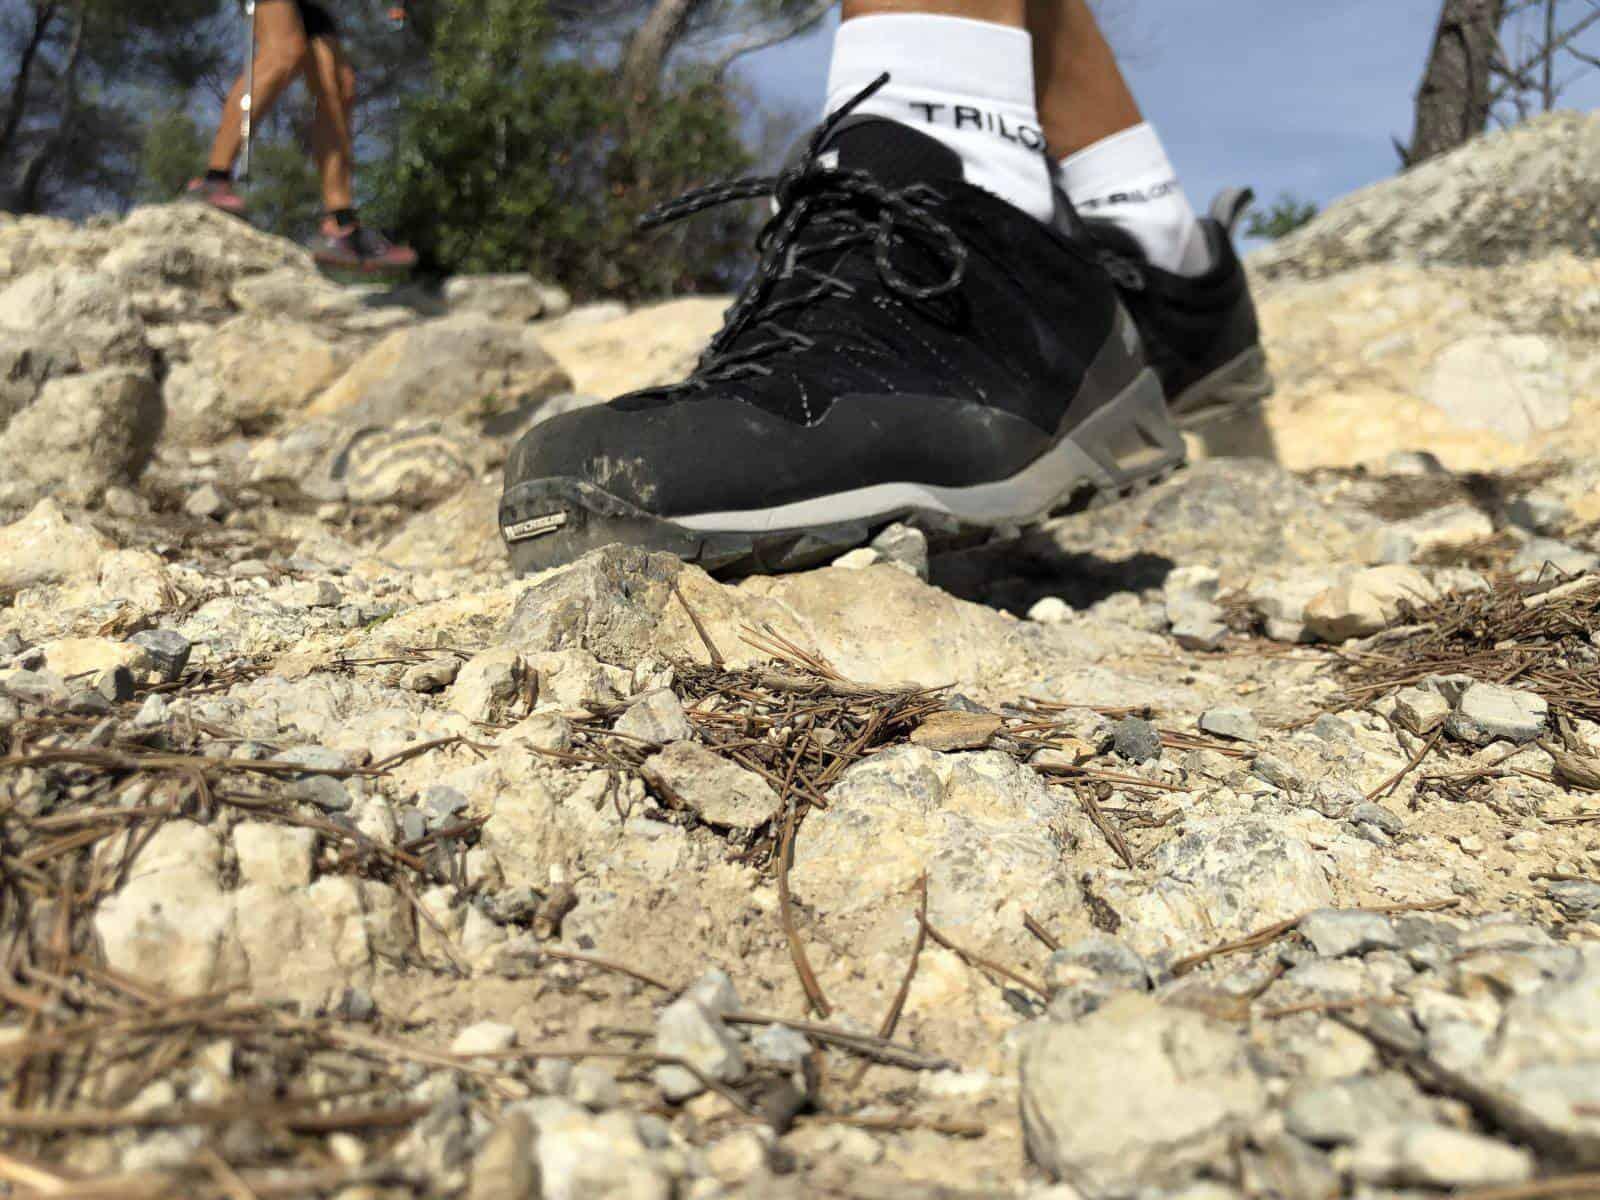 Lo strato ammortizzante in EVA della Dolomite Crodarossa Trek assorbe le asperità del terreno e protegge il piede